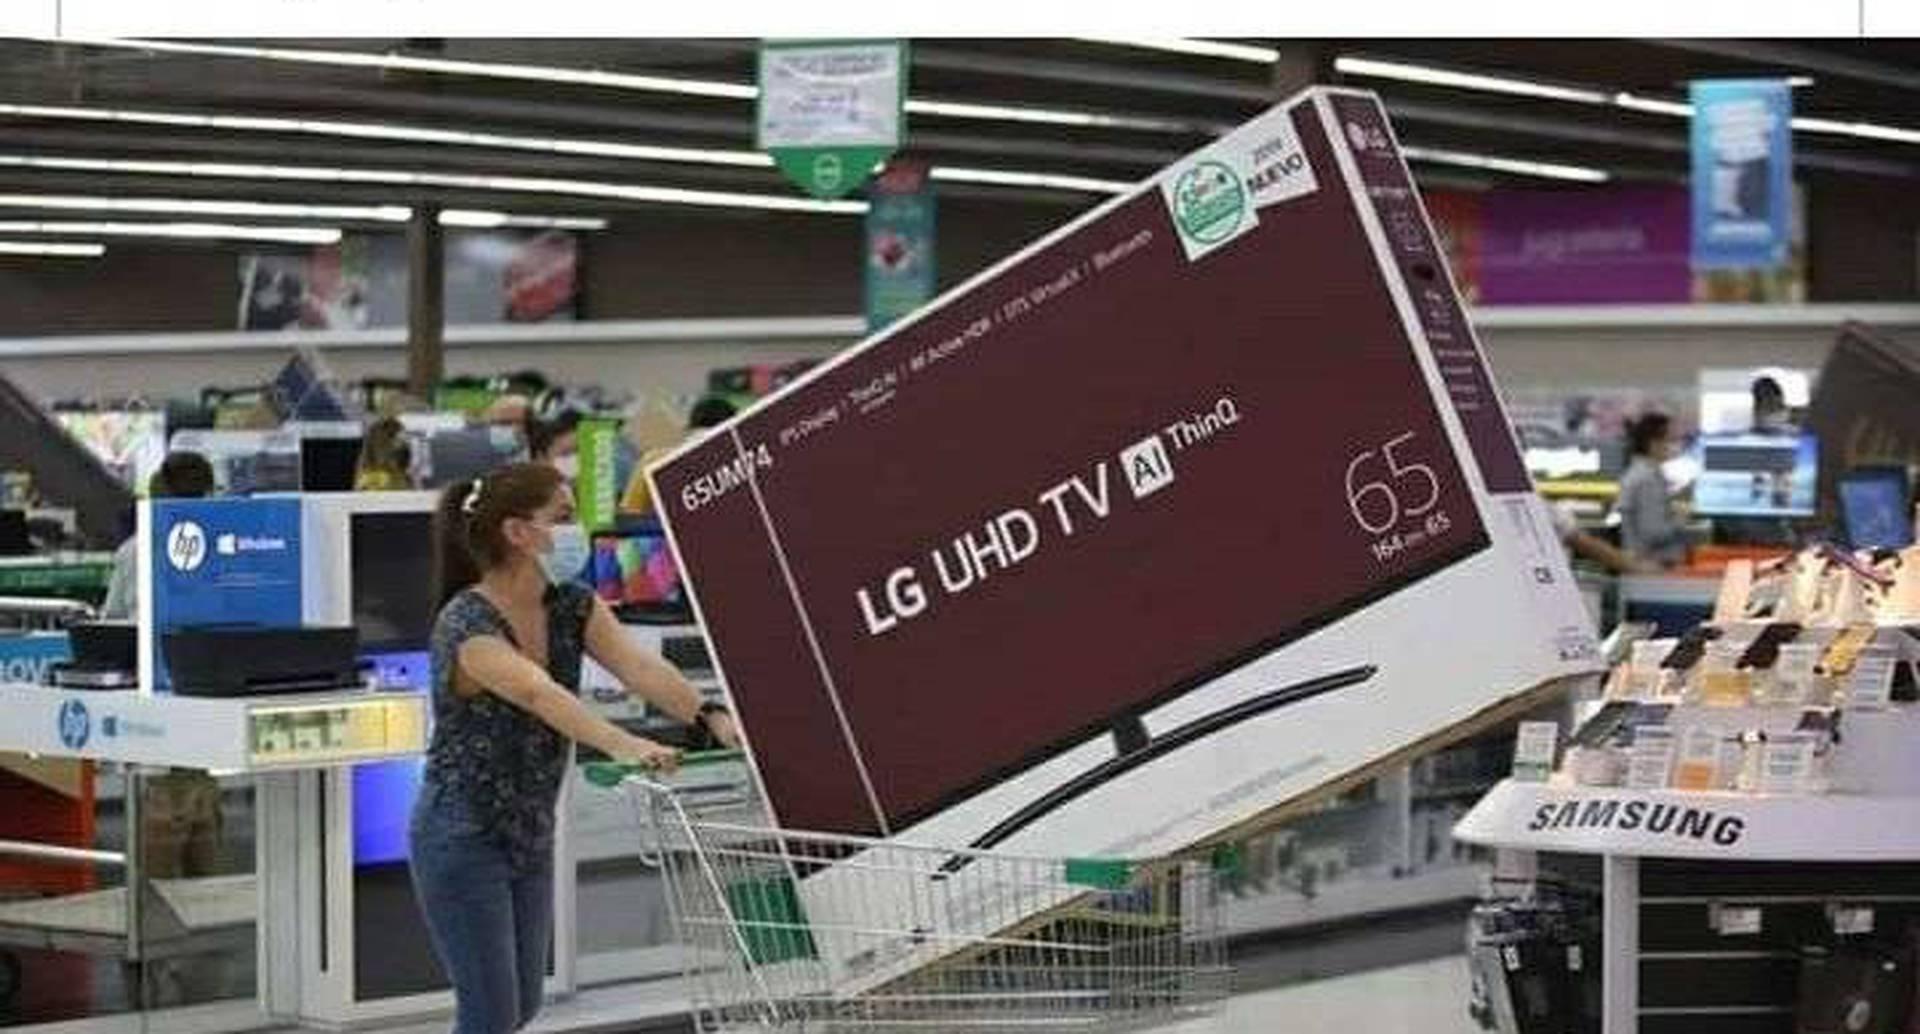 La programación de la televisión colombiana se ha visto reducida por  el freno de la producción de nuevos contenidos. A raíz de esto, Caracol Televisión anunció que volverá a transmitir la novela 'Pasión de Gavilanes' y por esto la relación del día sin IVA con la compra del televisor.